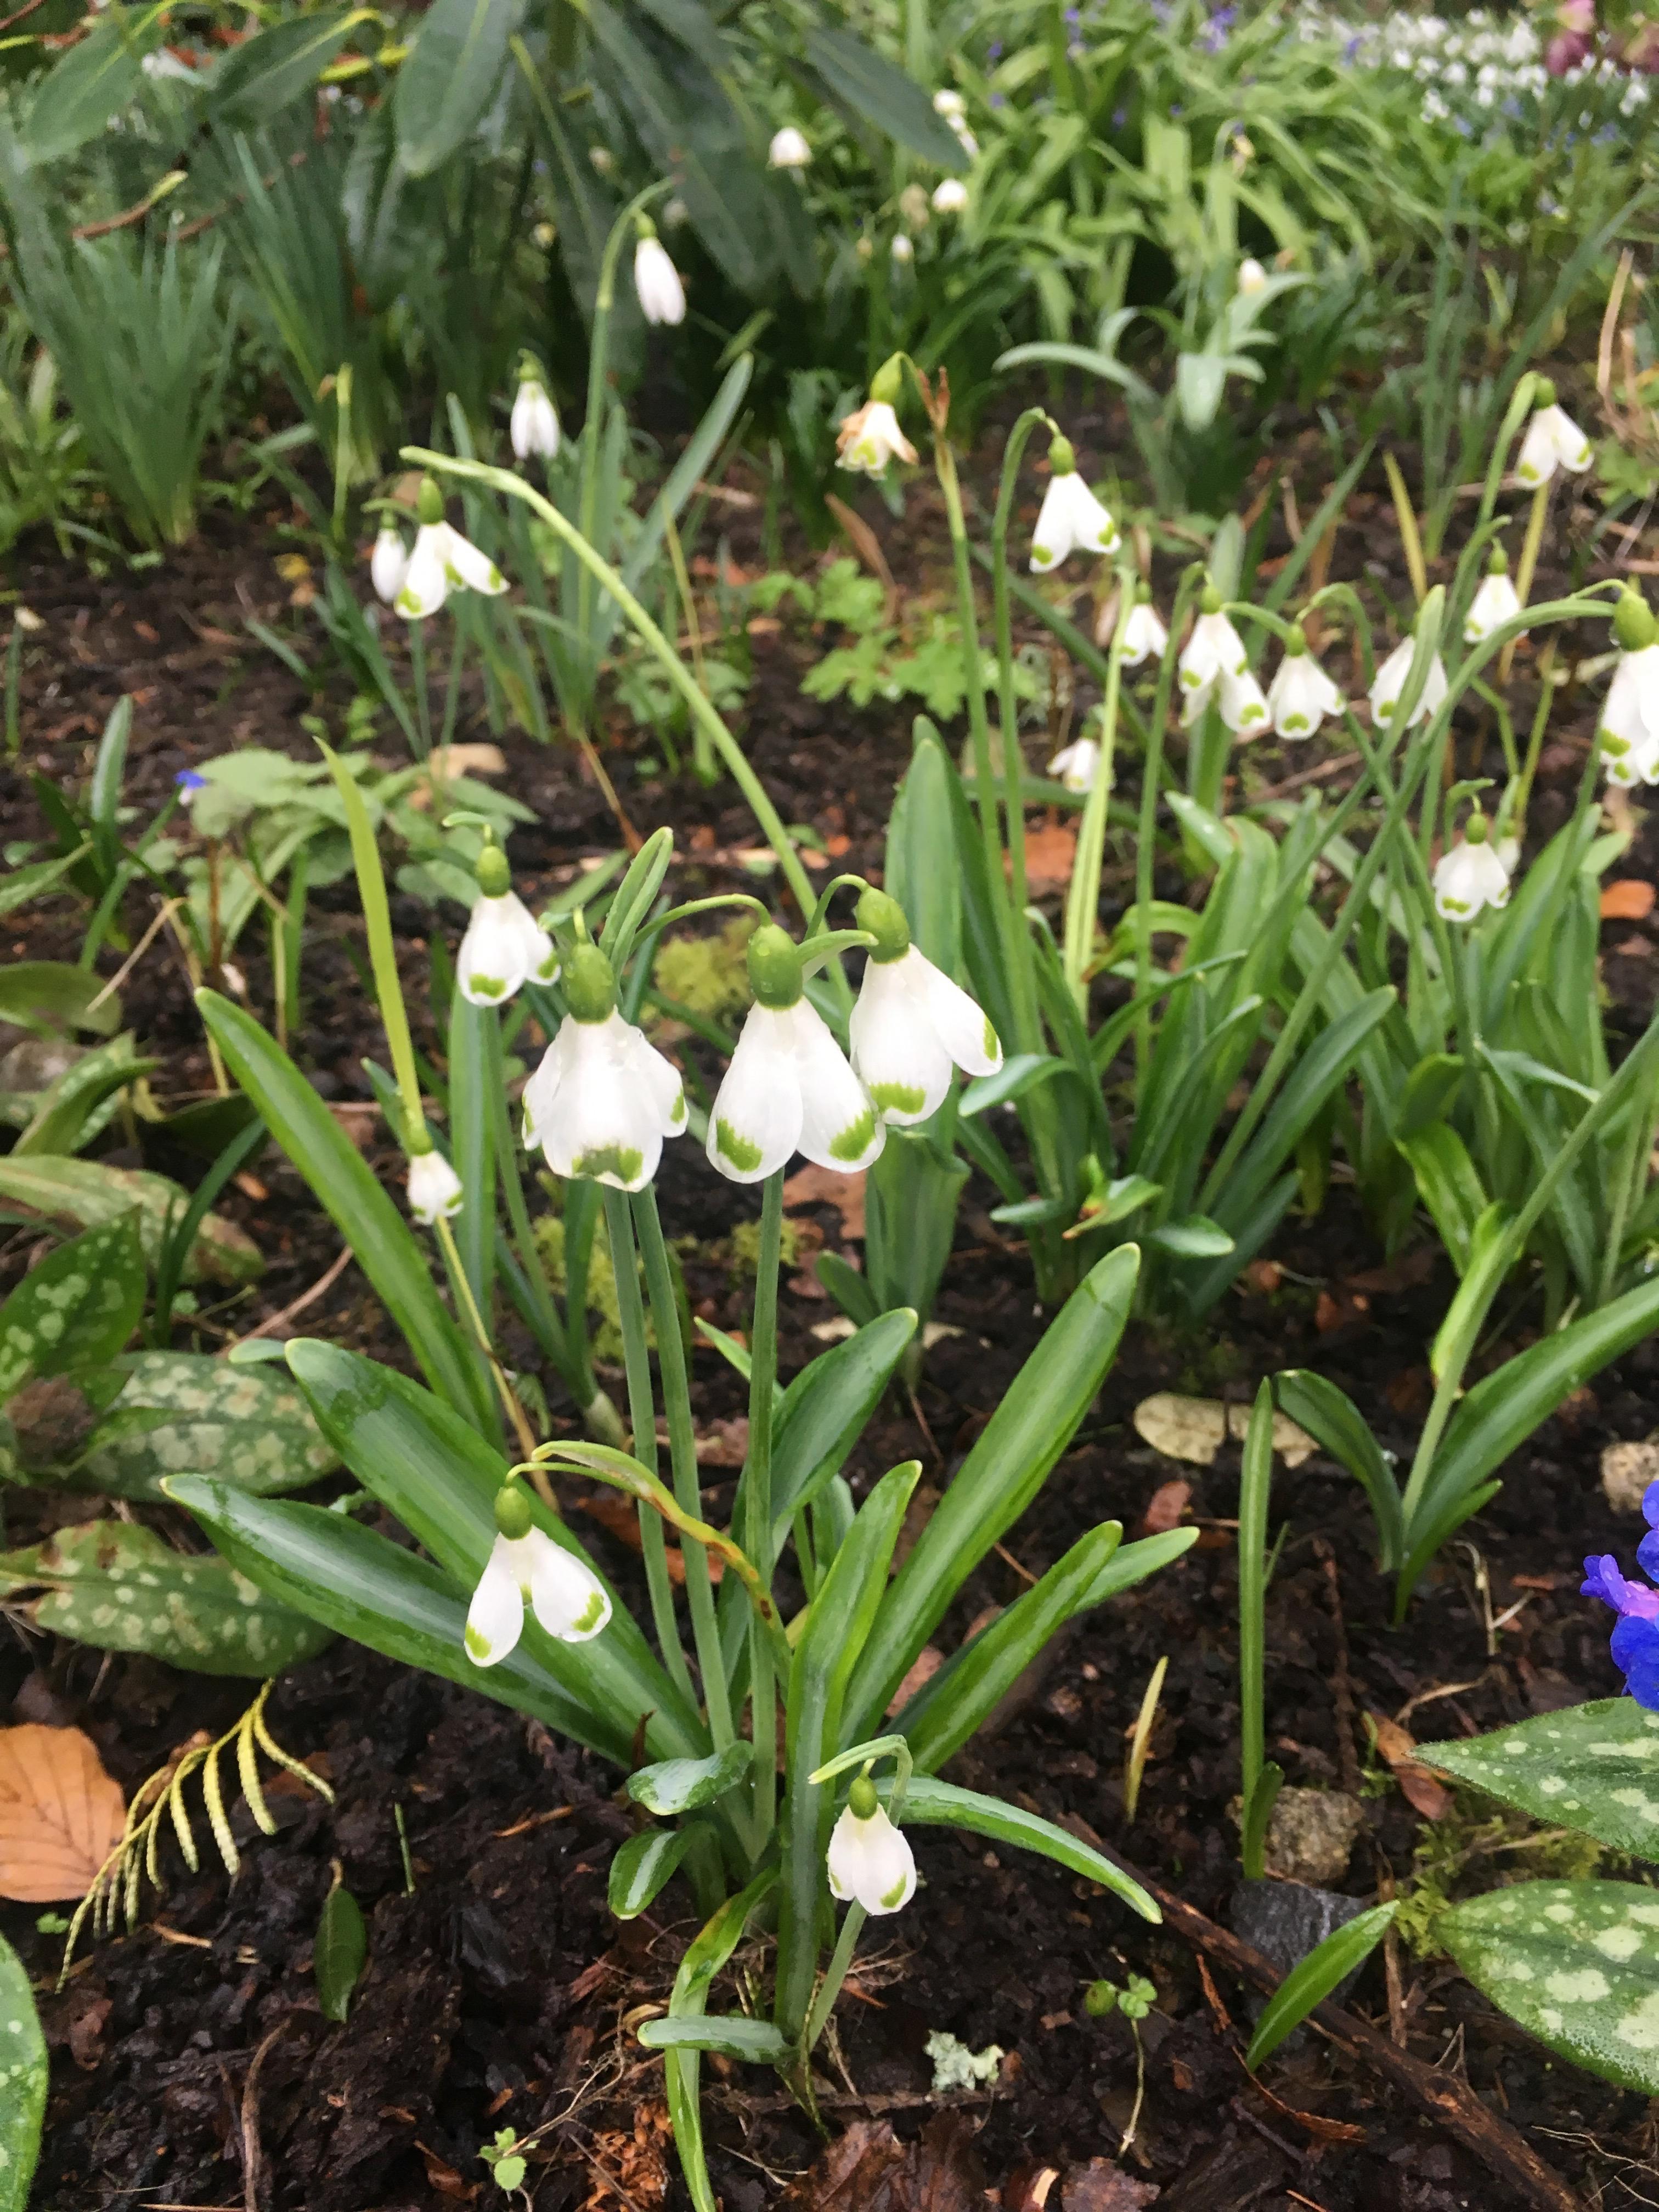 Galanthus Plicatus Trym Snowdrop Altamount Gardens Carlow Garden trail Ireland's Ancient eaST